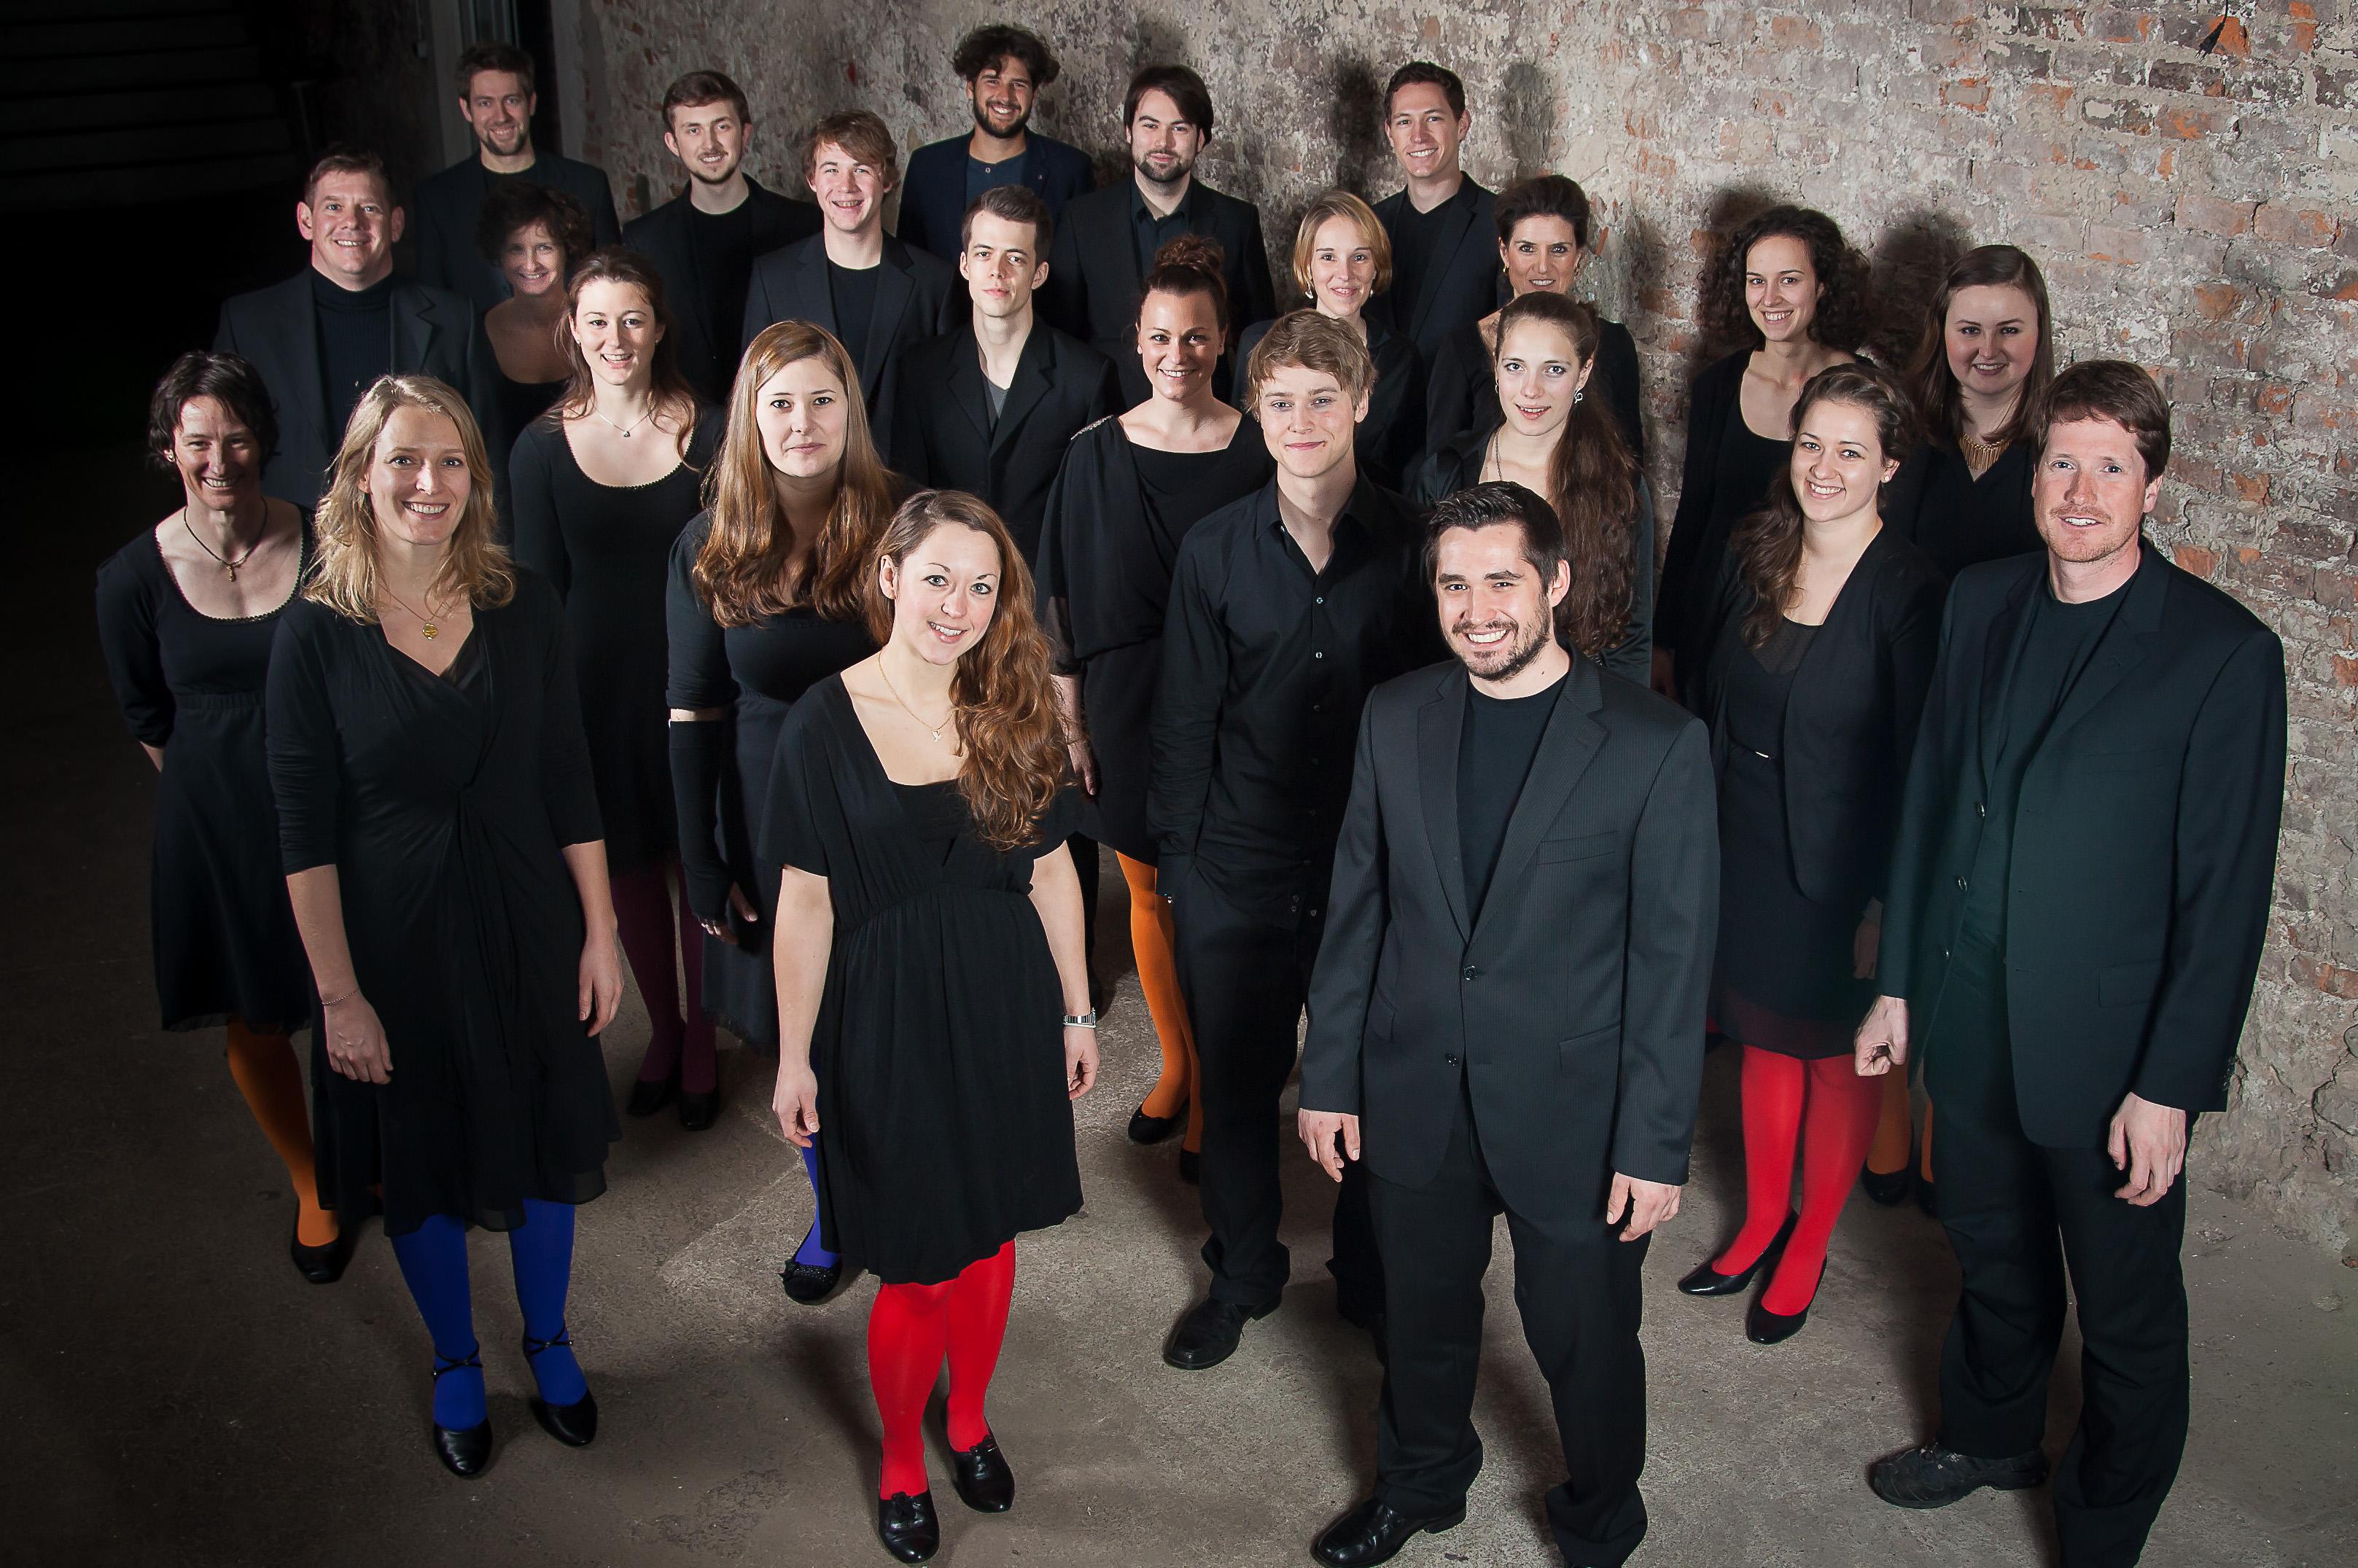 http://hans-g-hering.de/jazzchor/wp-content/uploads/2014/11/Jazzchor-Miesbach-3.jpg